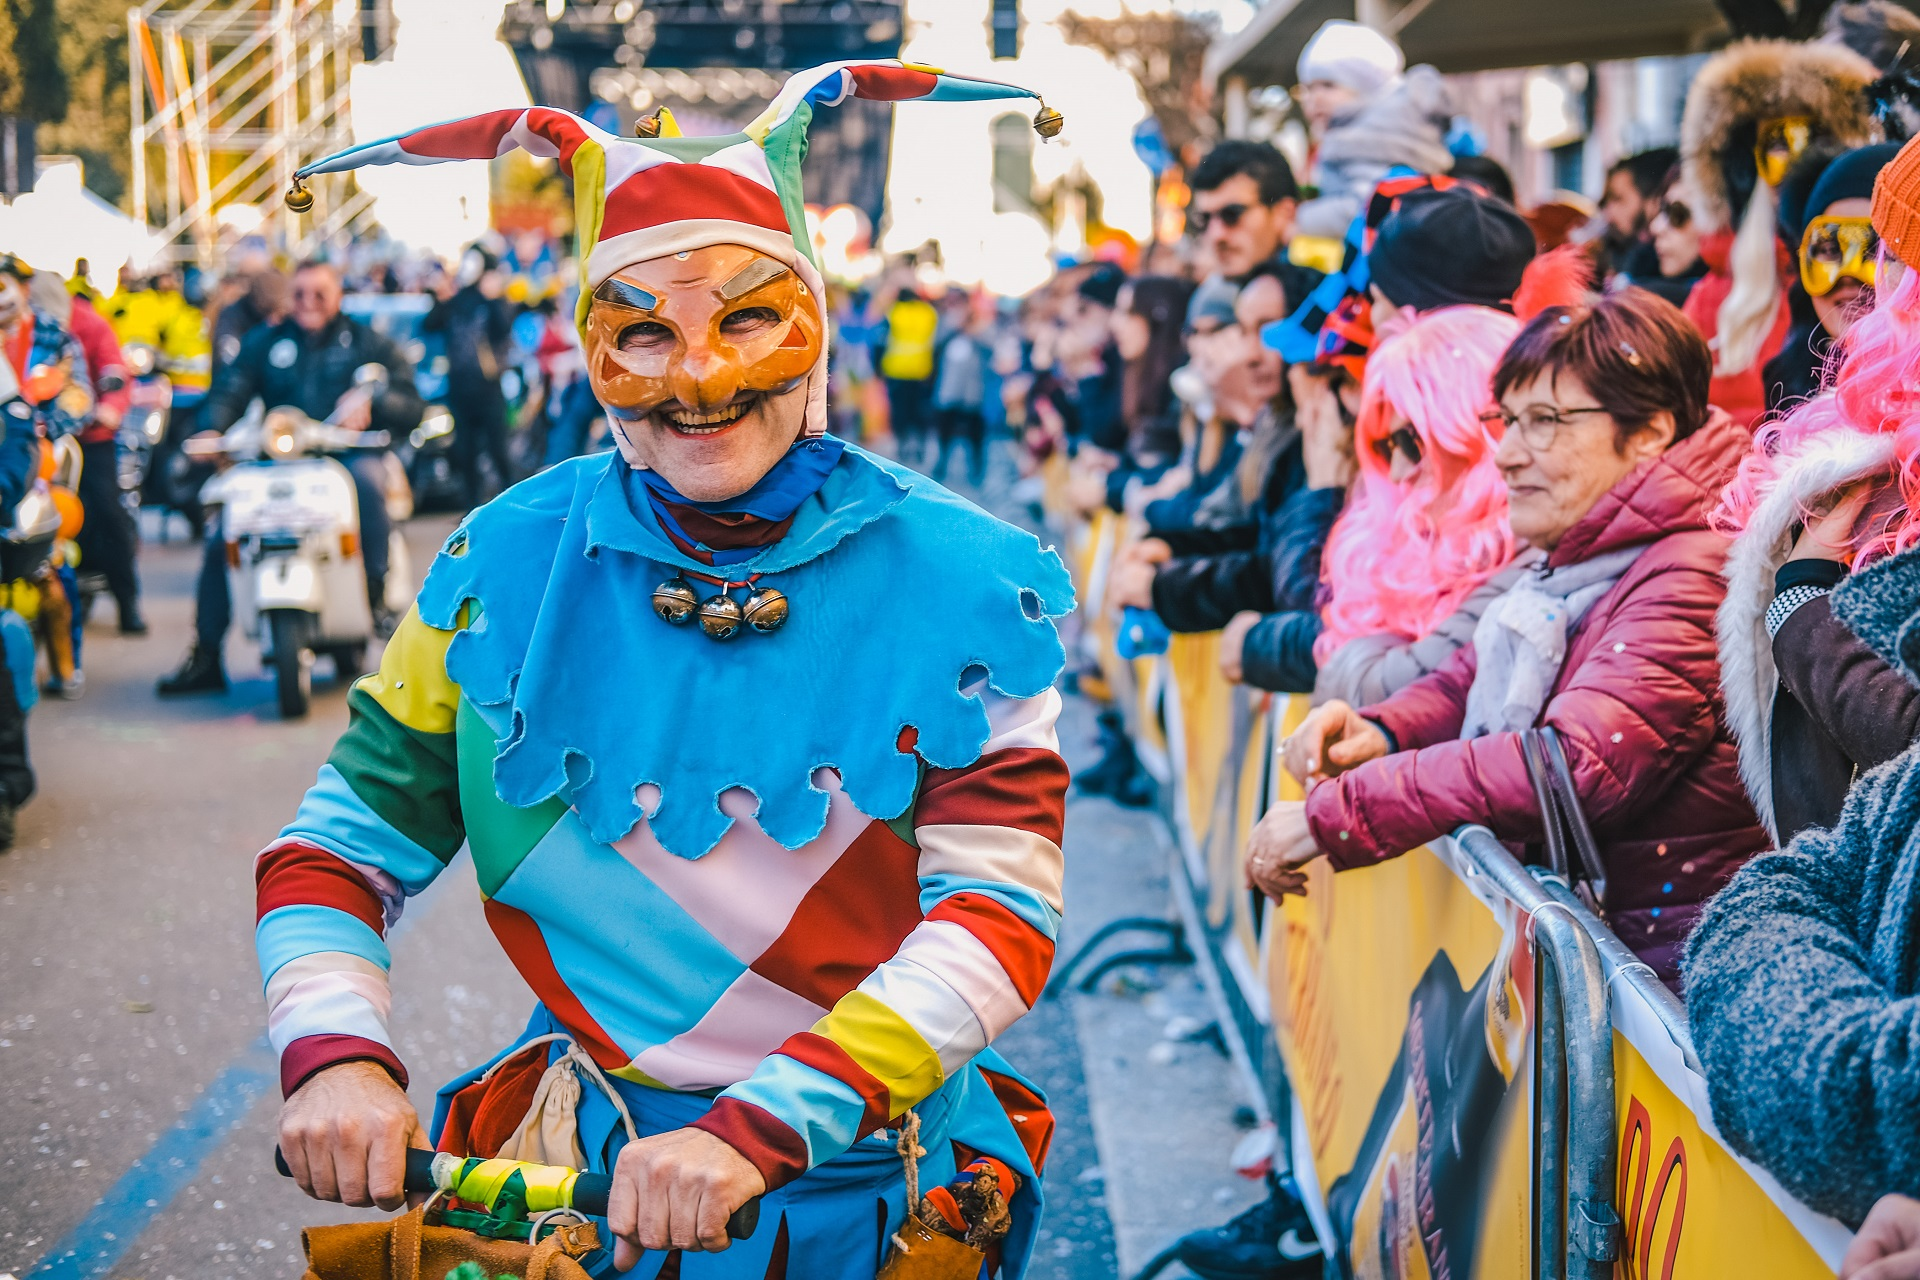 Farinella Carnevale di Putignano